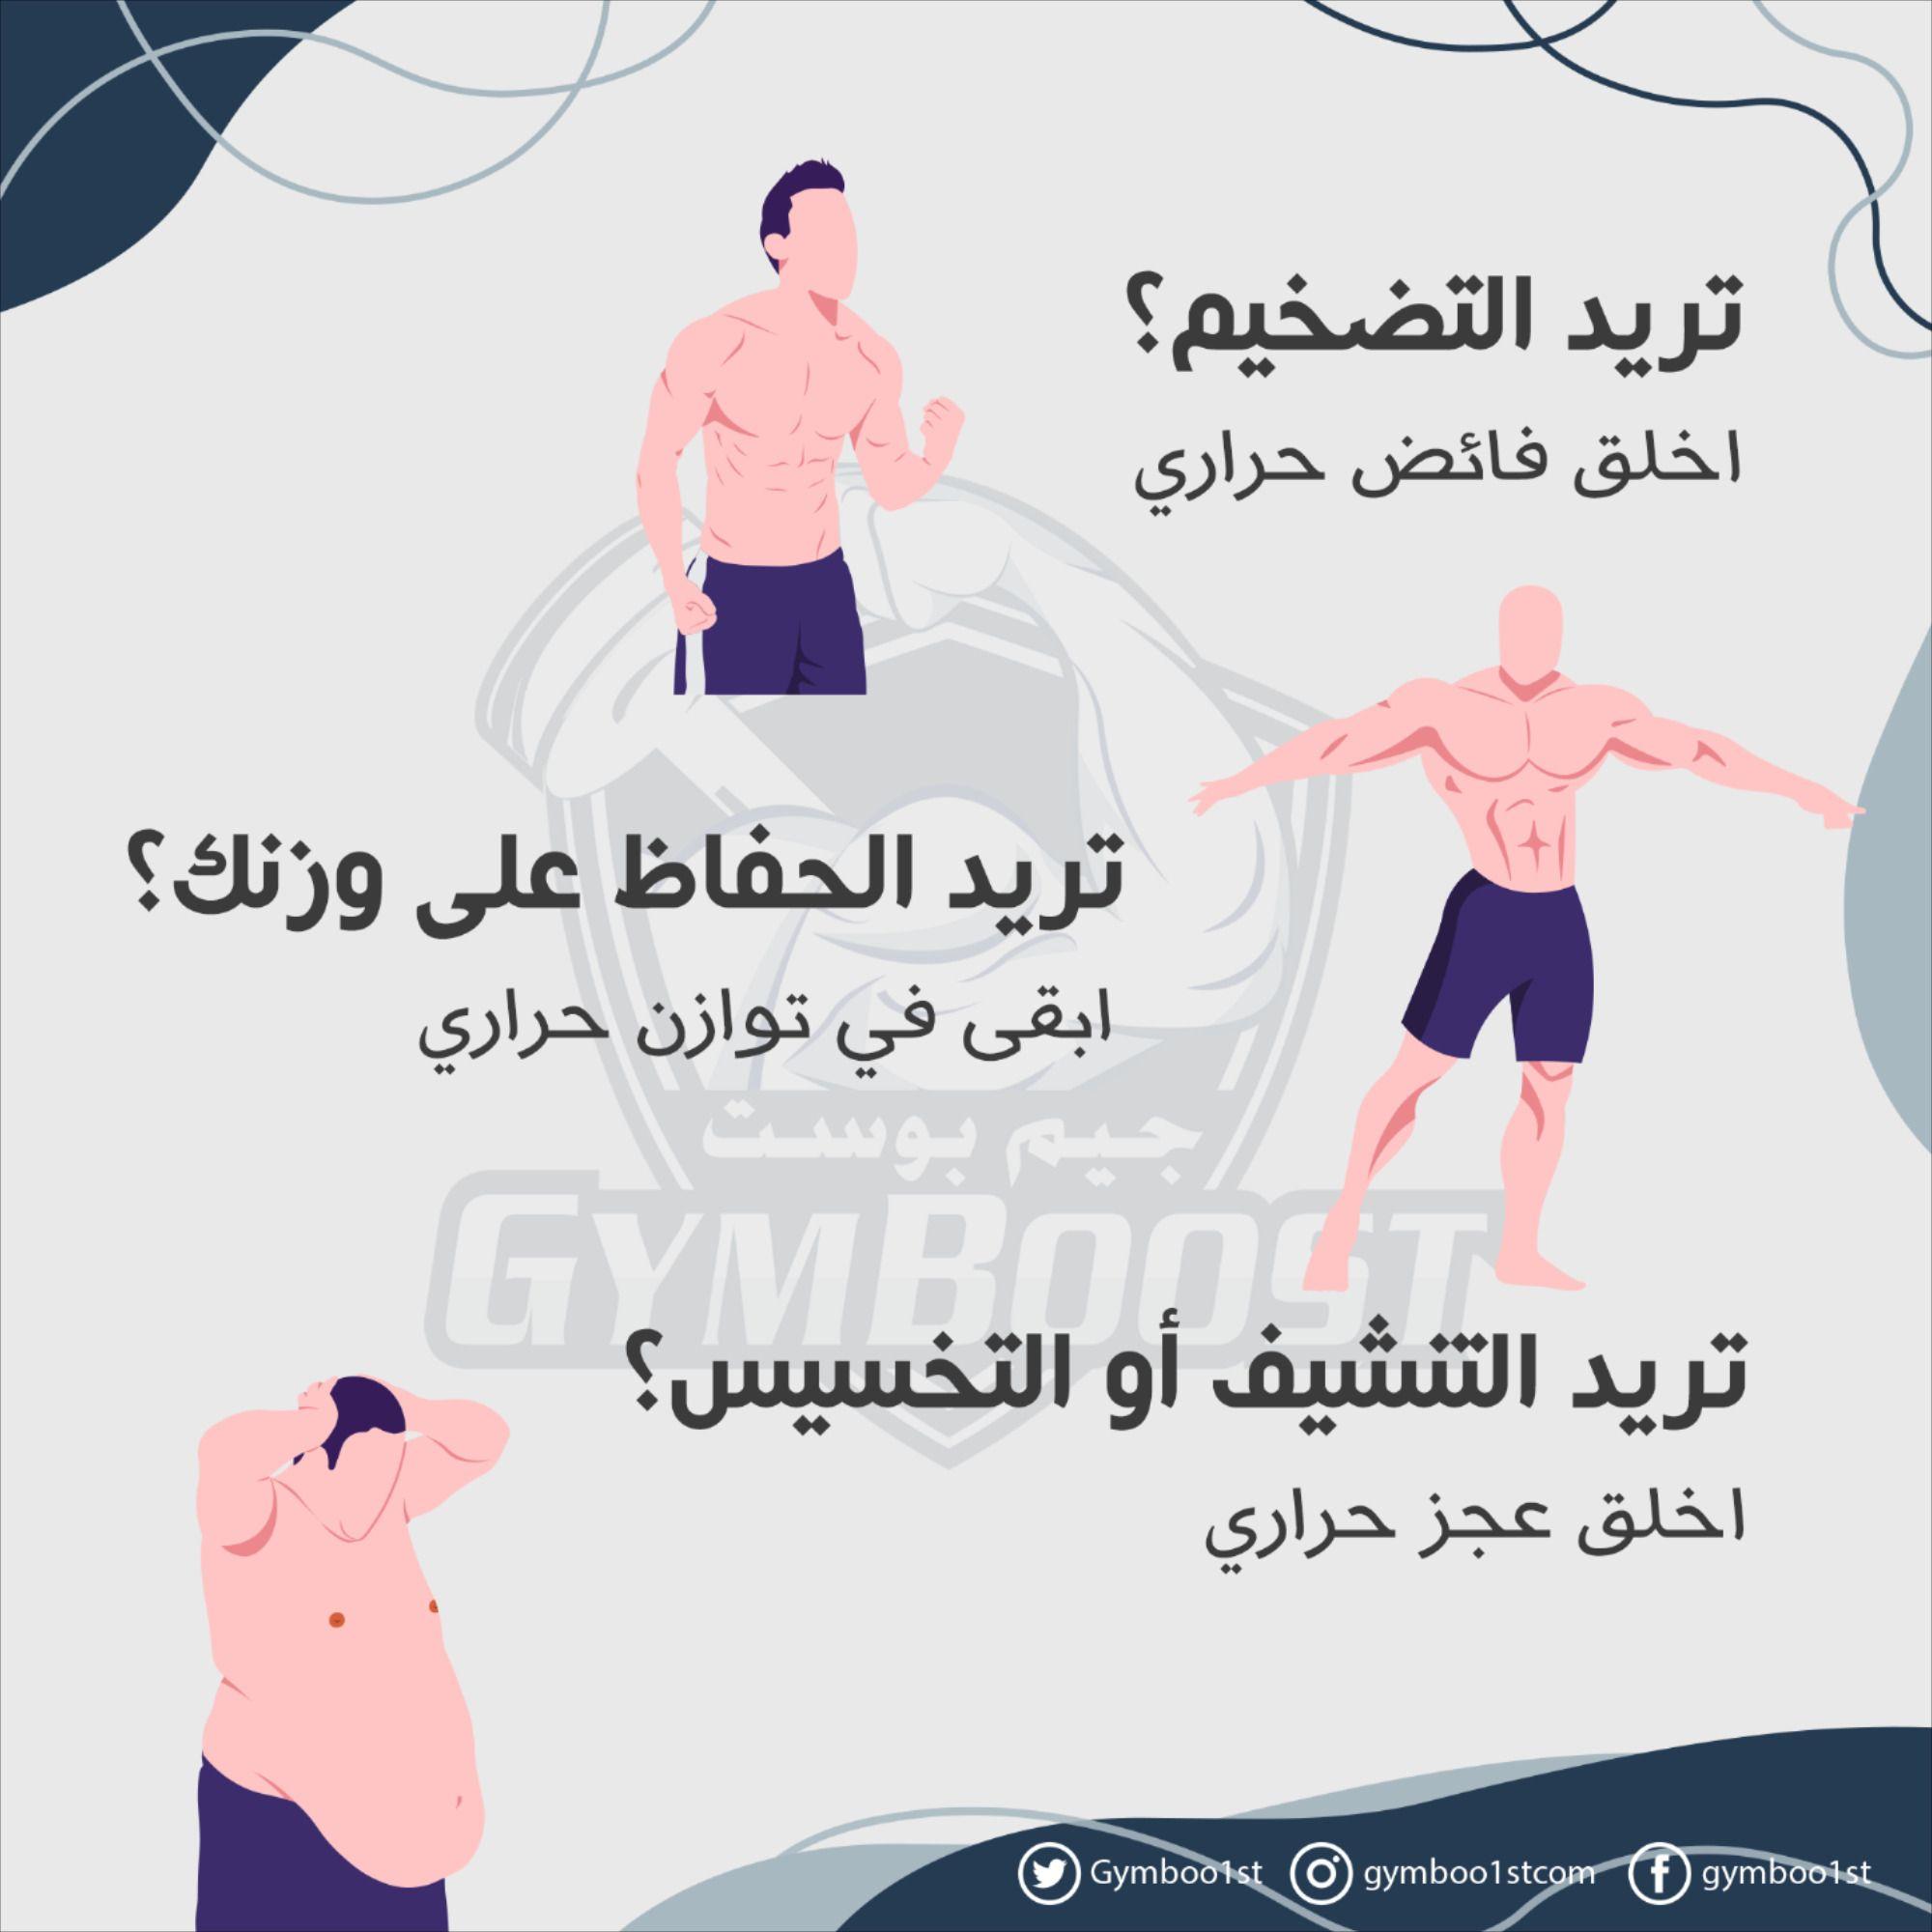 أهمية السعرات الحرارية Fitness Healthy Lifestyle Exercise Workout